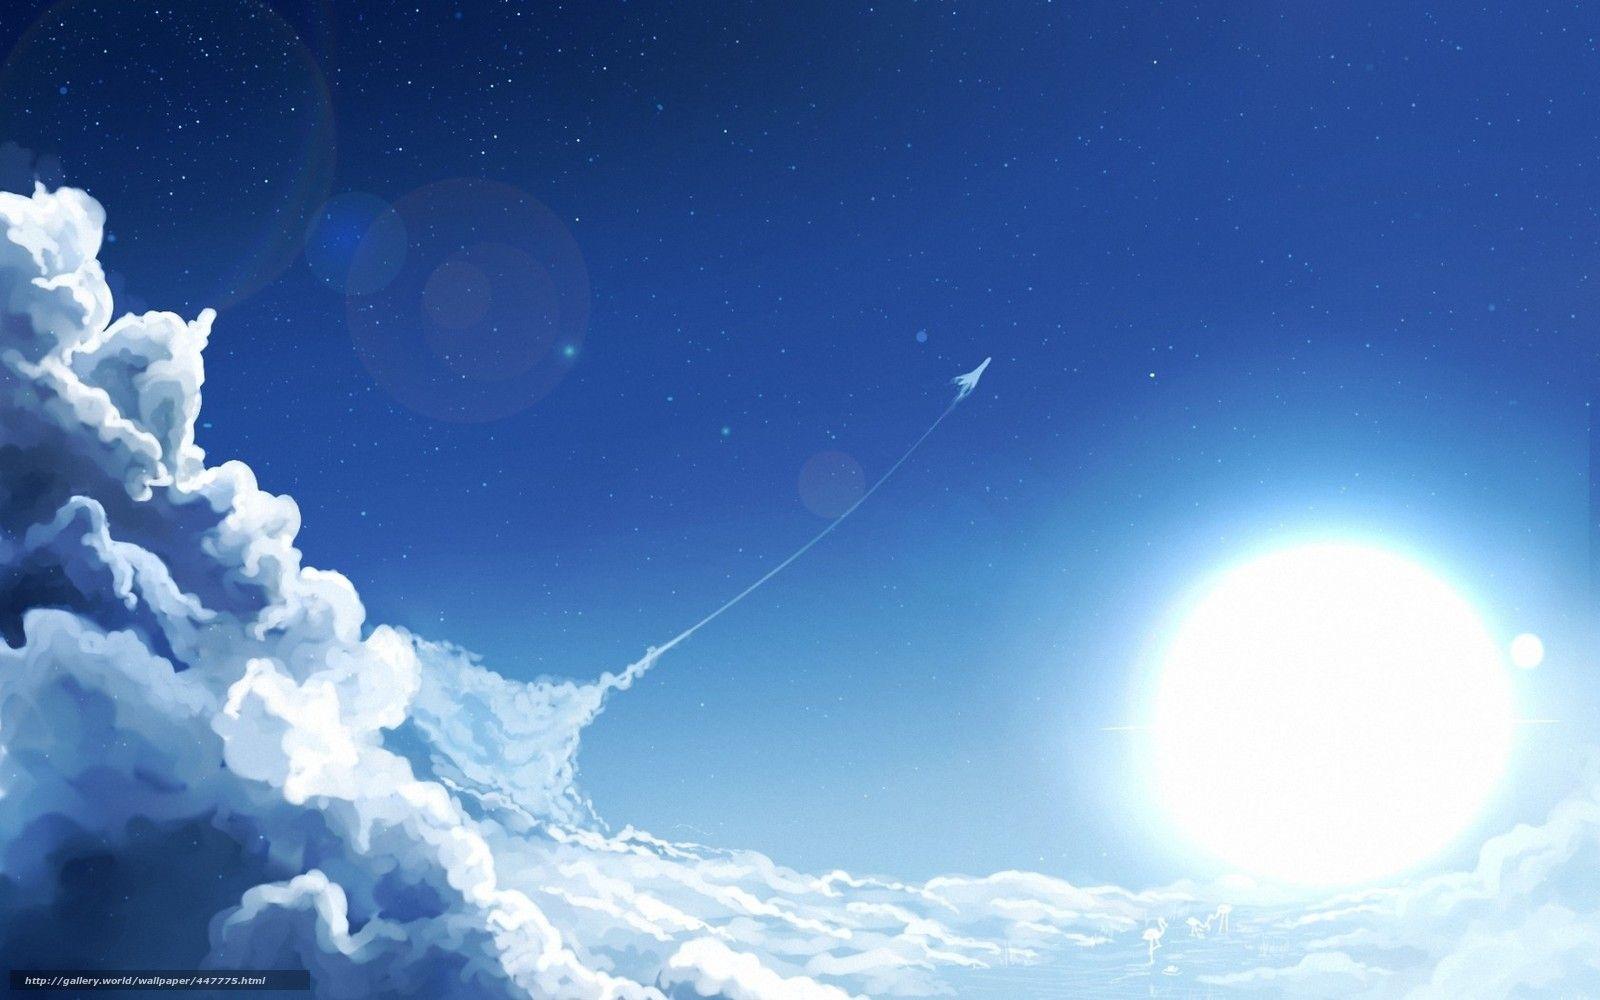 Samolet Nad Oblakami Zakat Vid Iz Samoleta 23 Tys Izobrazhenij